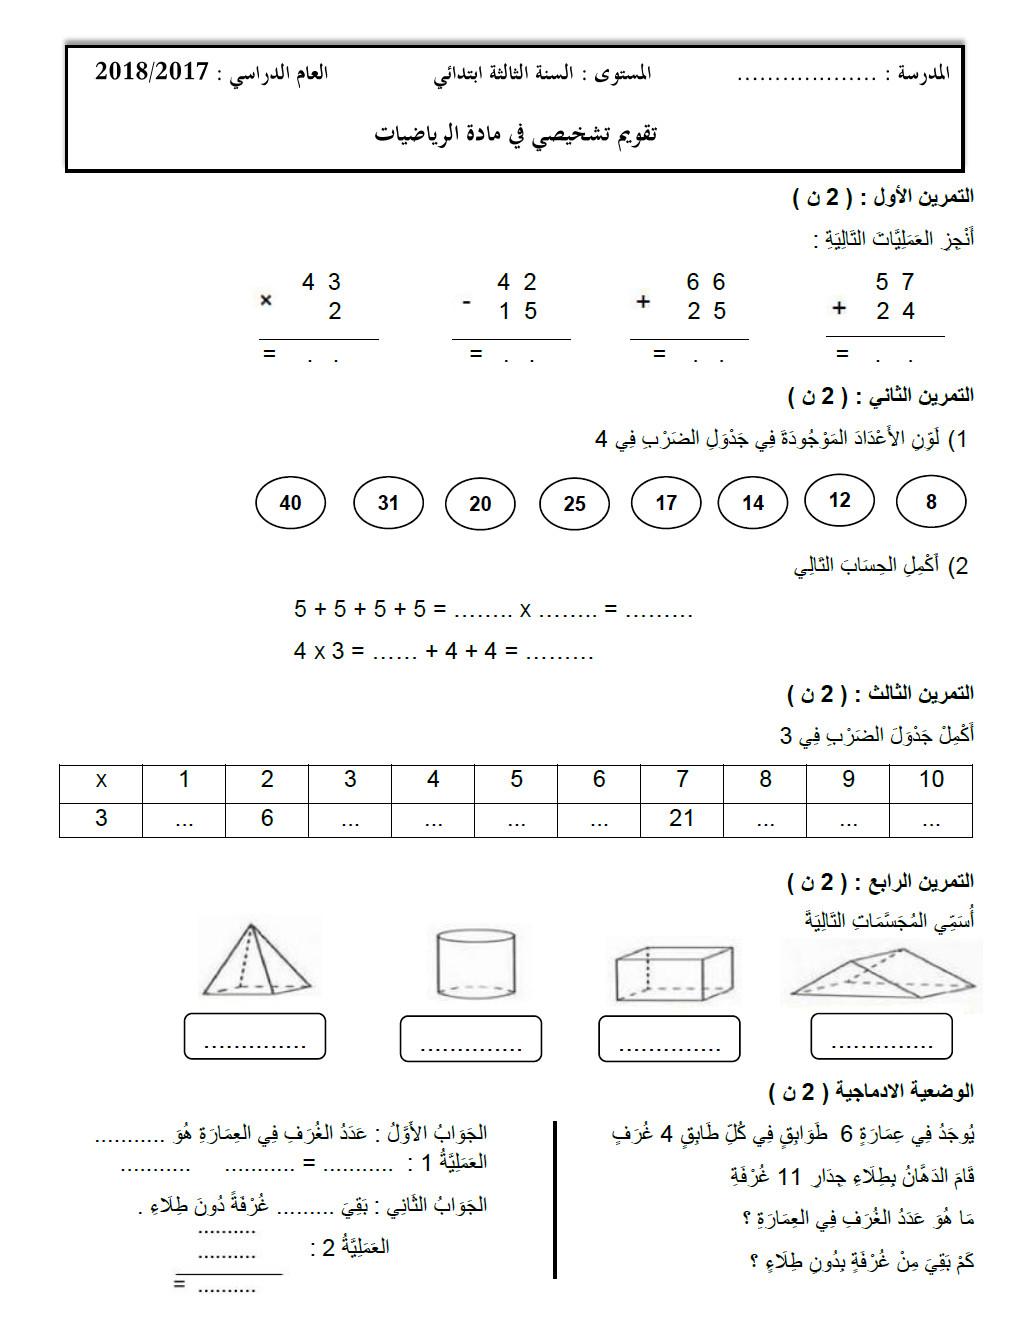 تقويم تشخيصي في مادة الرياضيات للسنة الثالثة ابتدائي 2021-2022